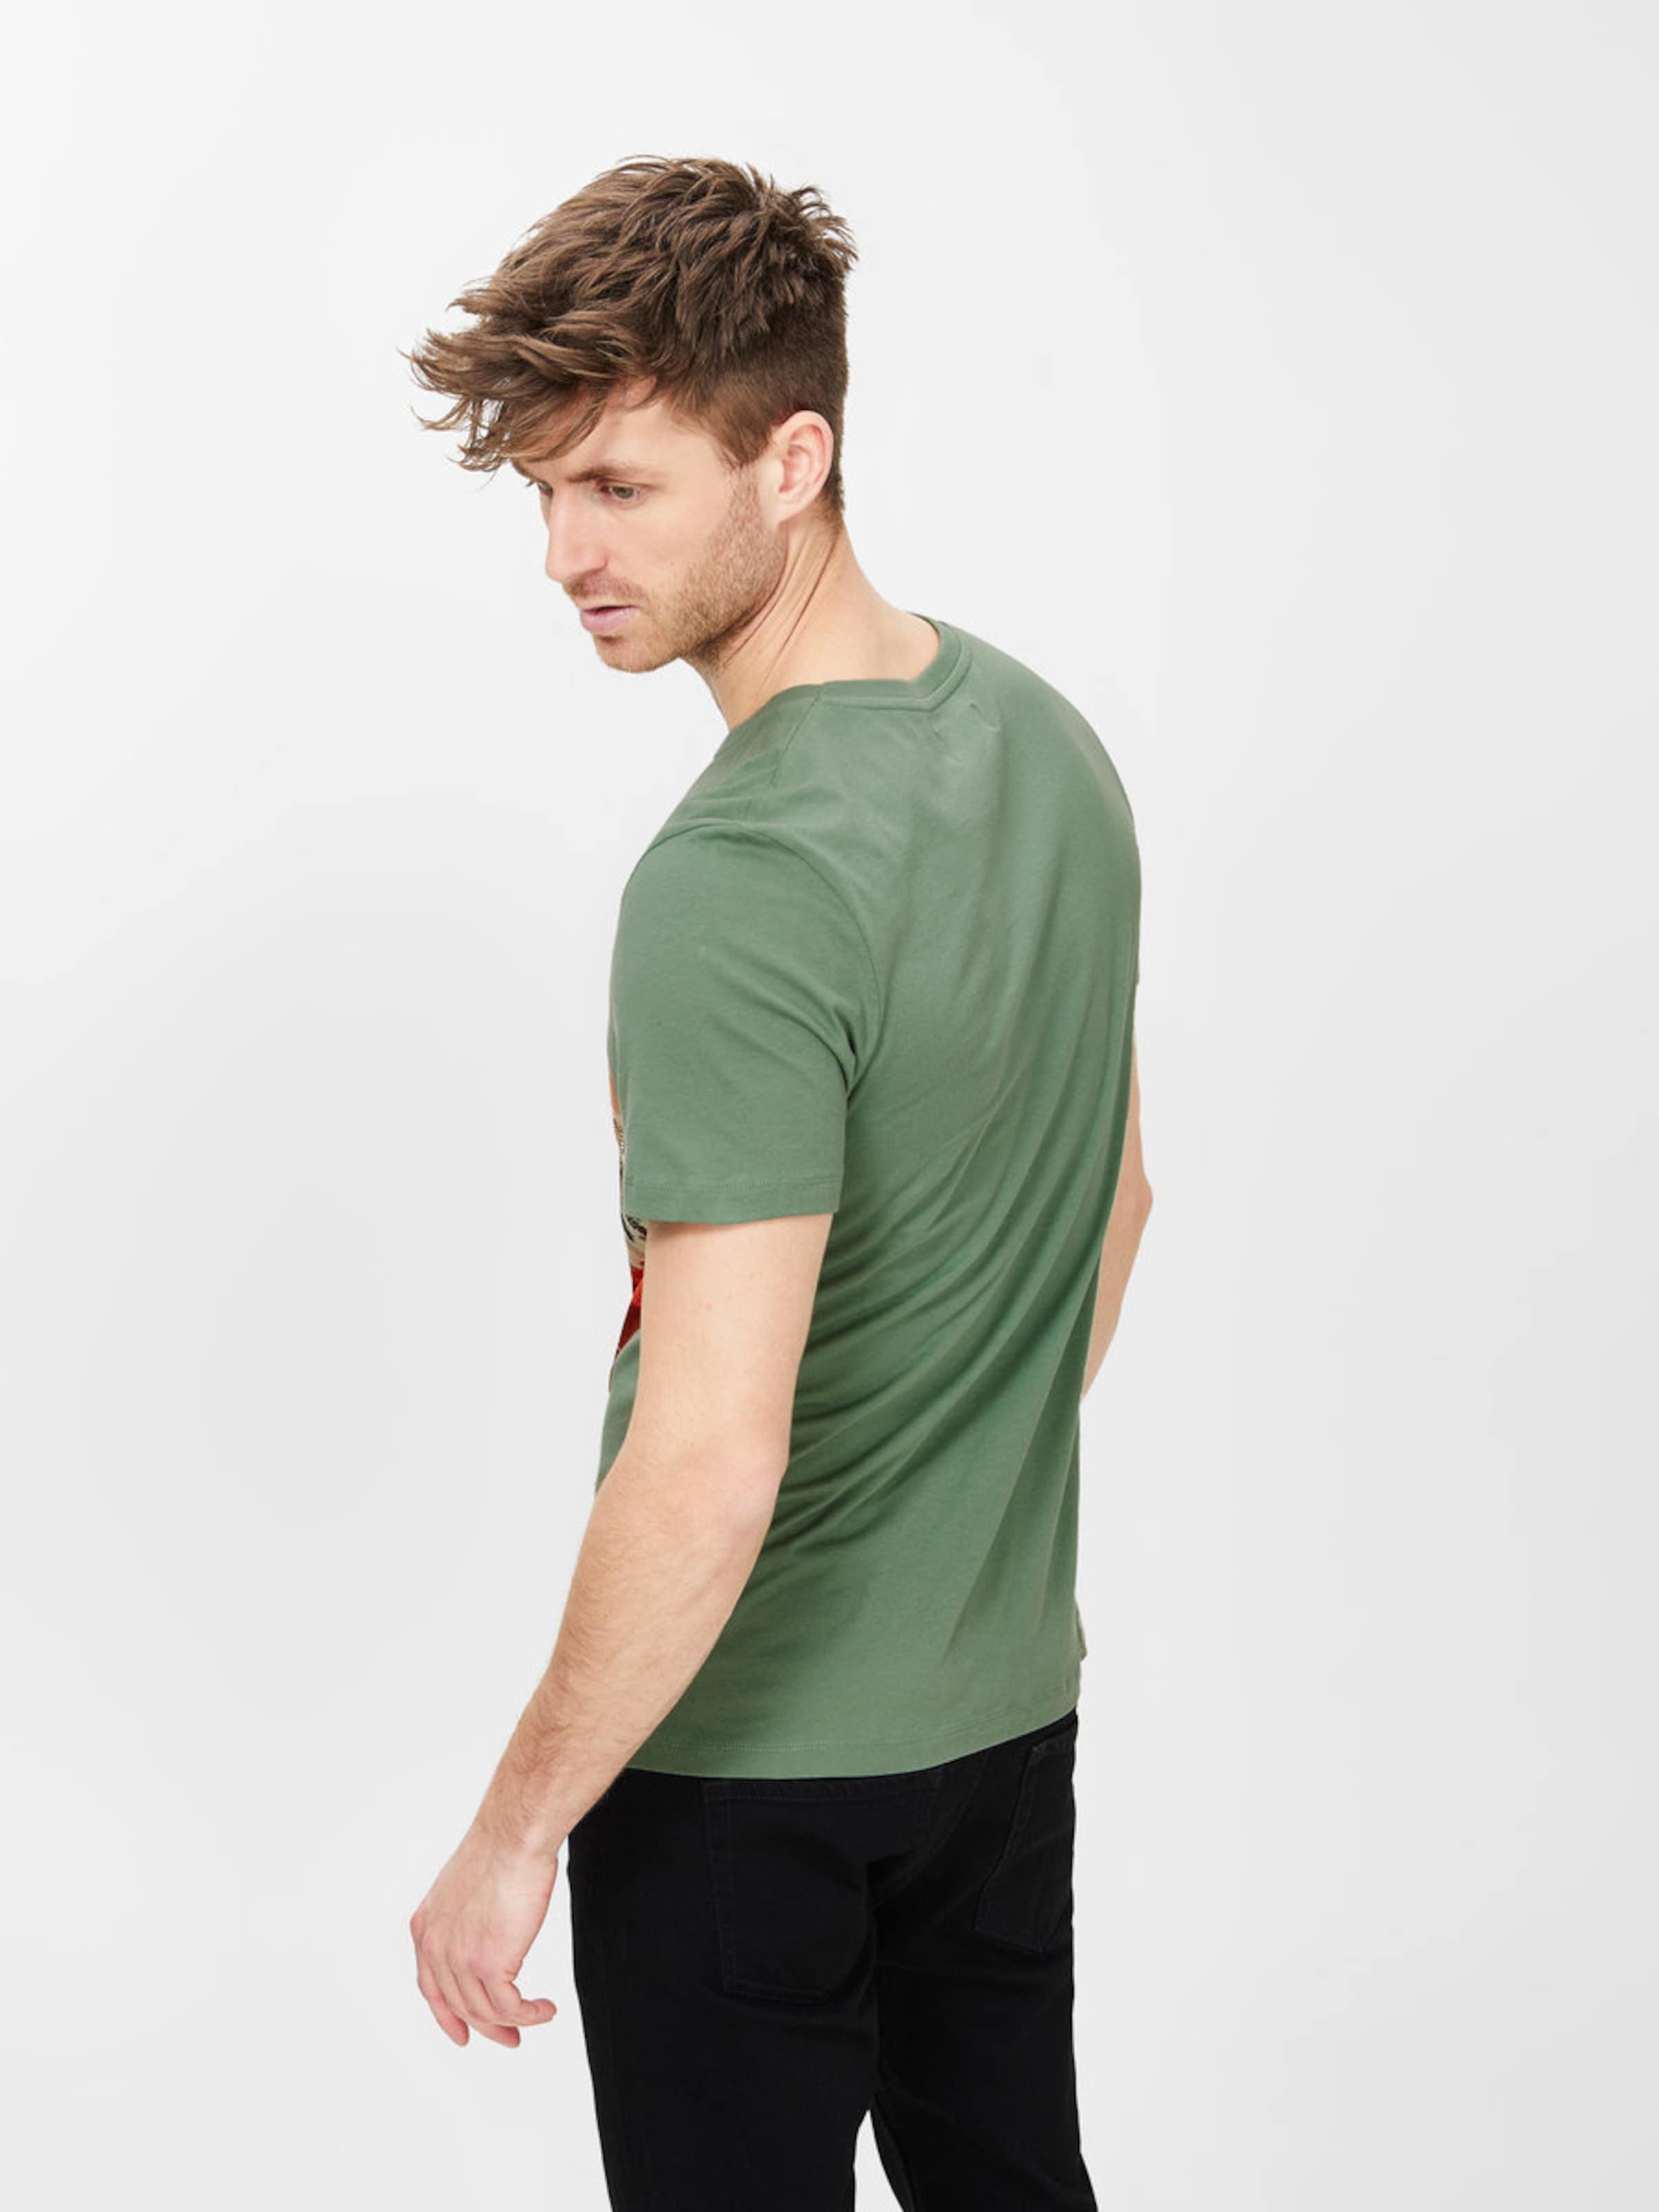 Viele Arten Von Zum Verkauf Rabatt Verkauf Online Produkt Print T-Shirt Spielraum In Mode Mit Kreditkarte Zu Verkaufen Manchester 3Aavc7h